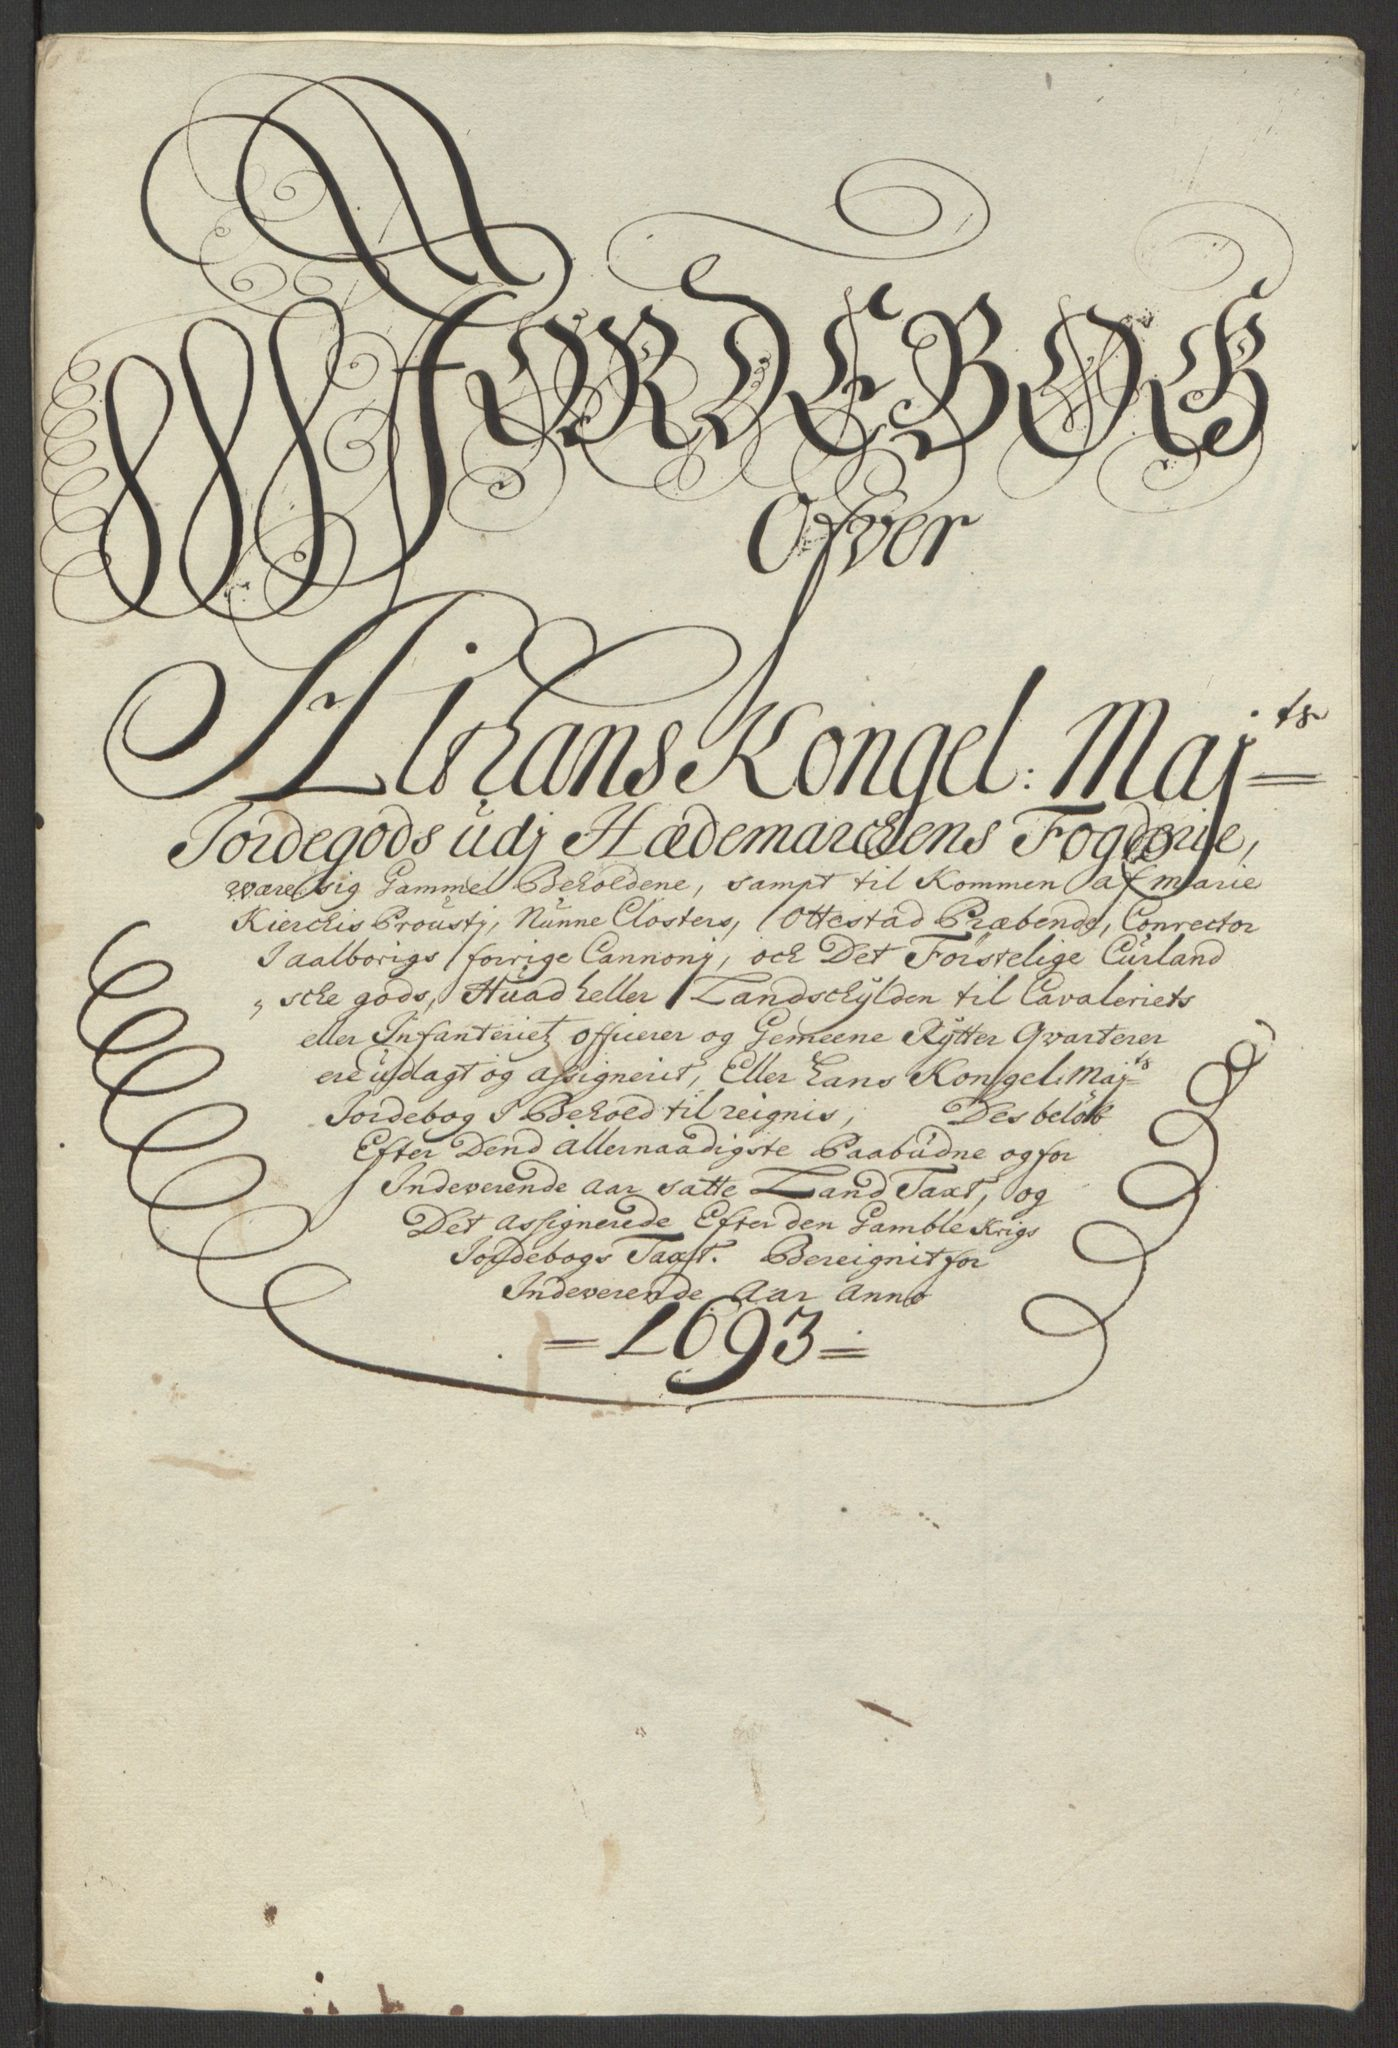 RA, Rentekammeret inntil 1814, Reviderte regnskaper, Fogderegnskap, R16/L1034: Fogderegnskap Hedmark, 1693, s. 33